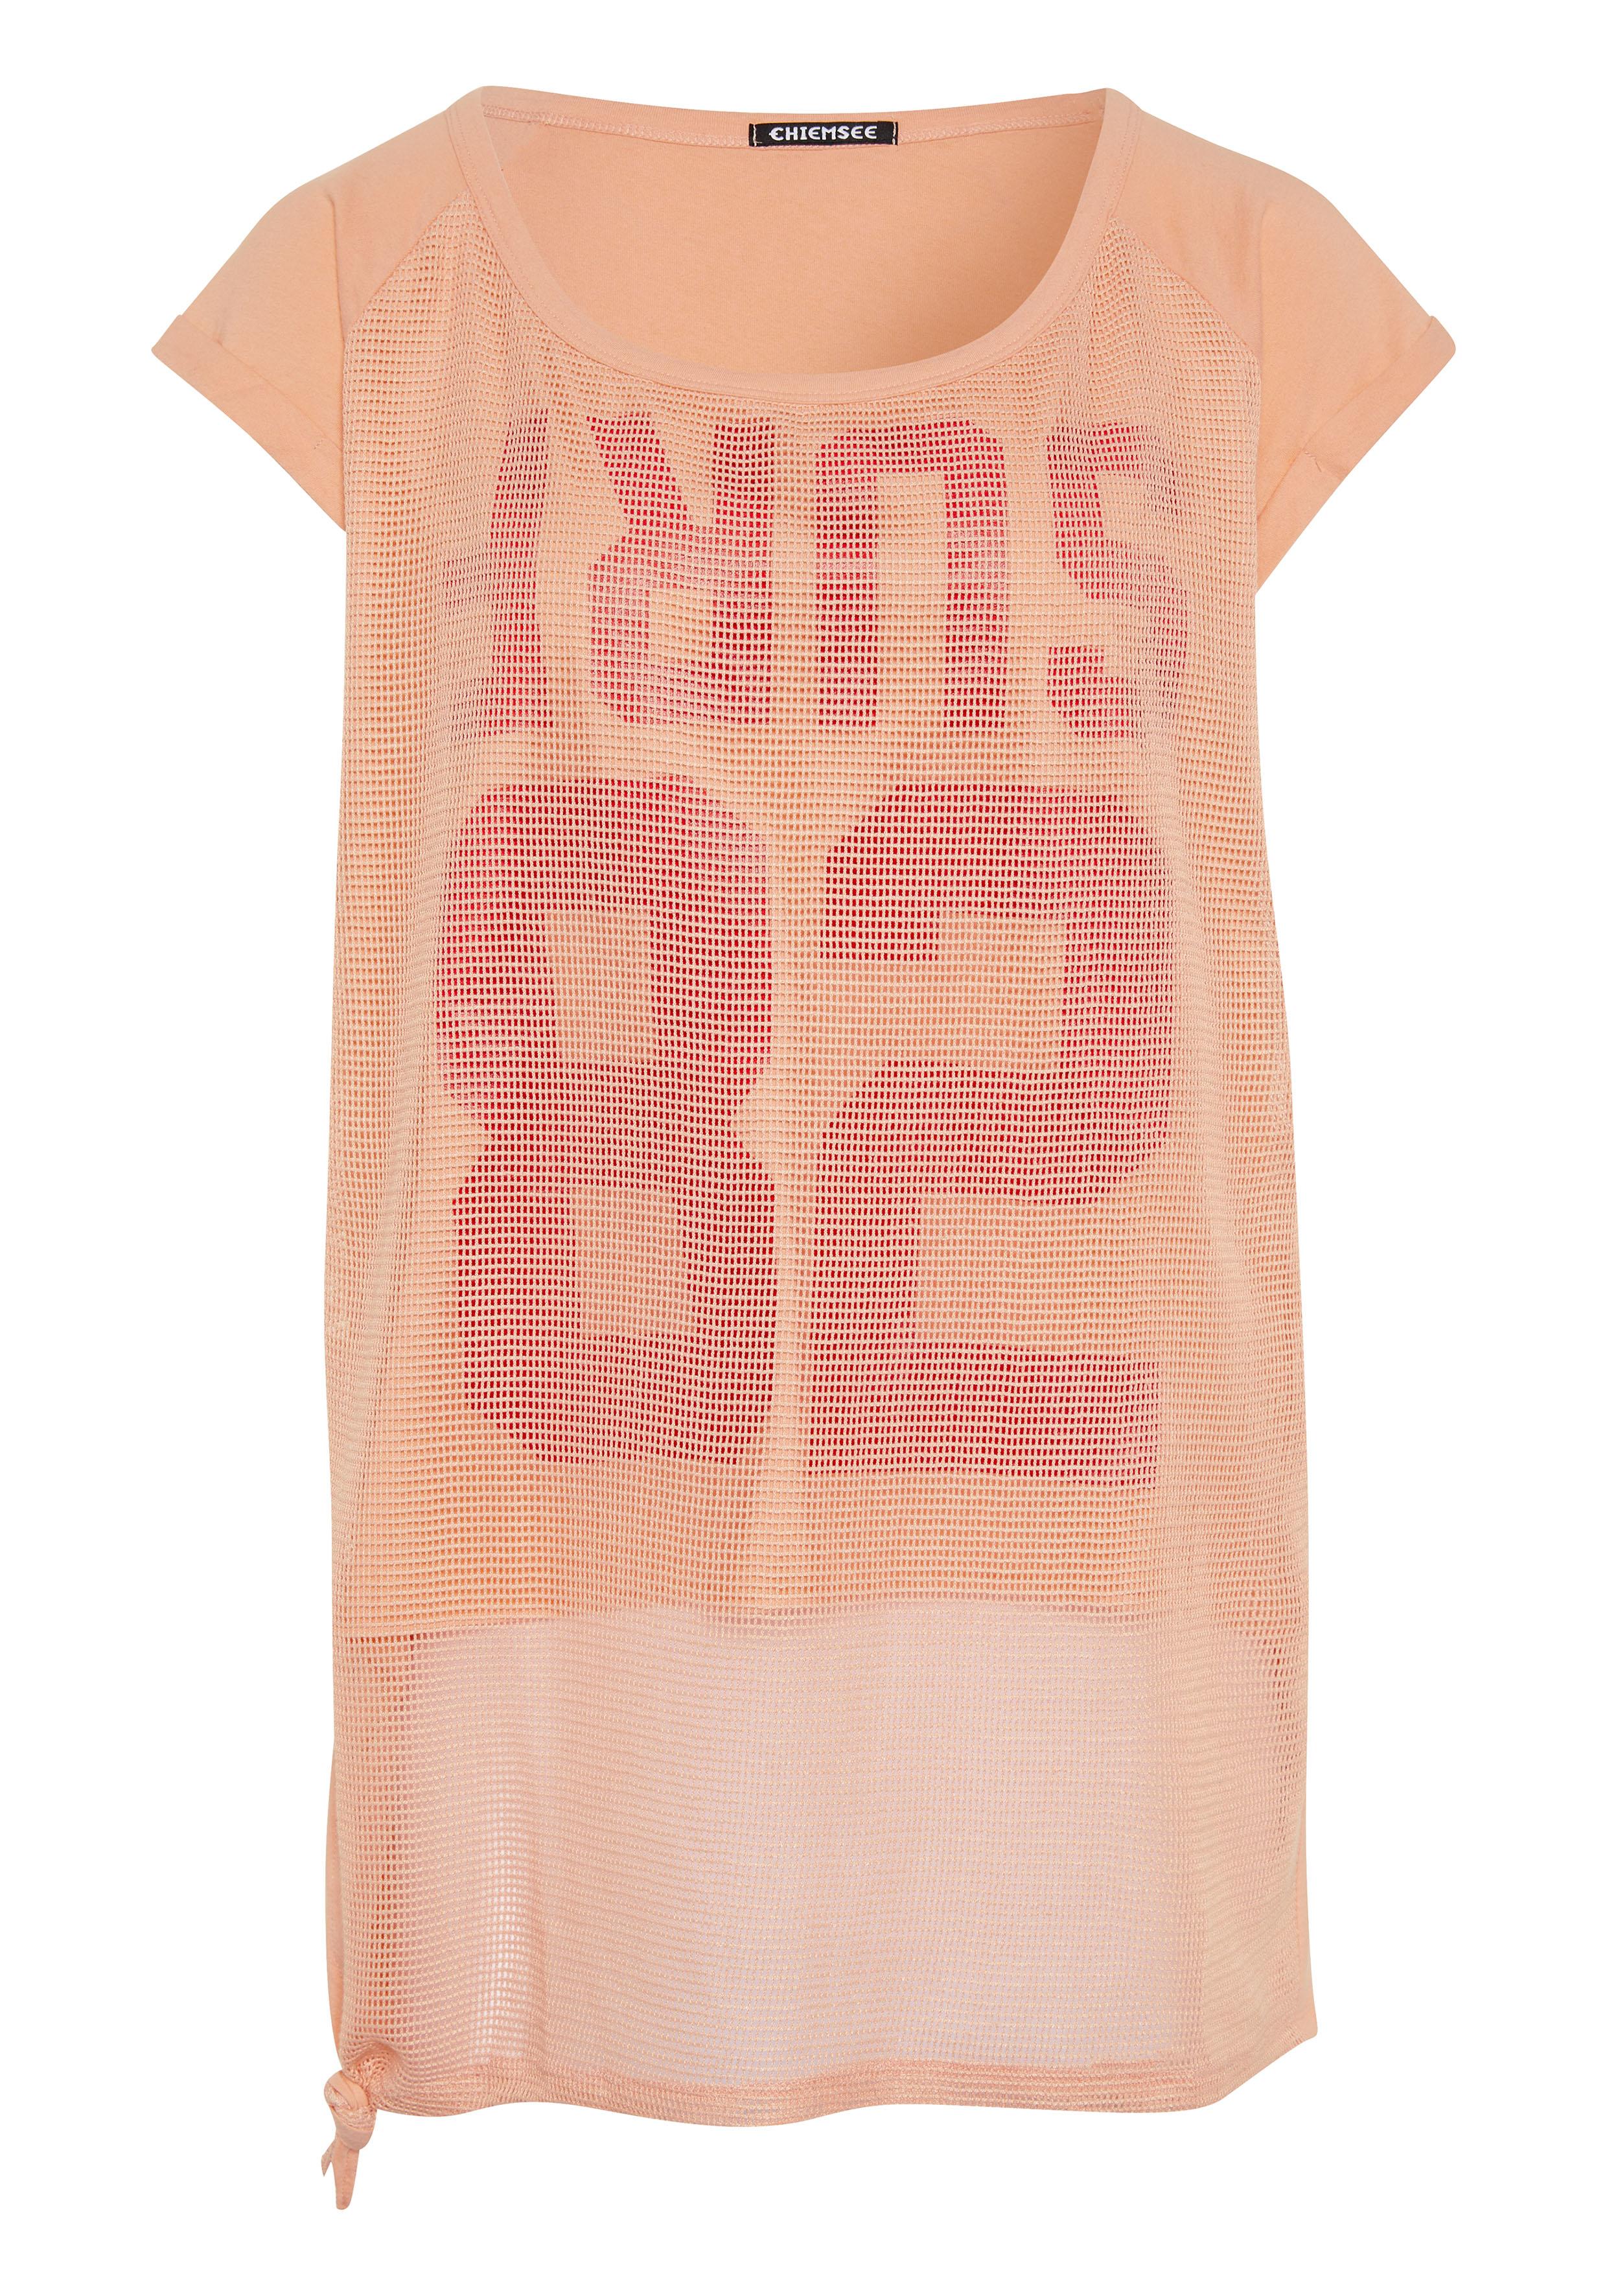 Chiemsee T-Shirt CHIEMSEE T-Shirt für Damen